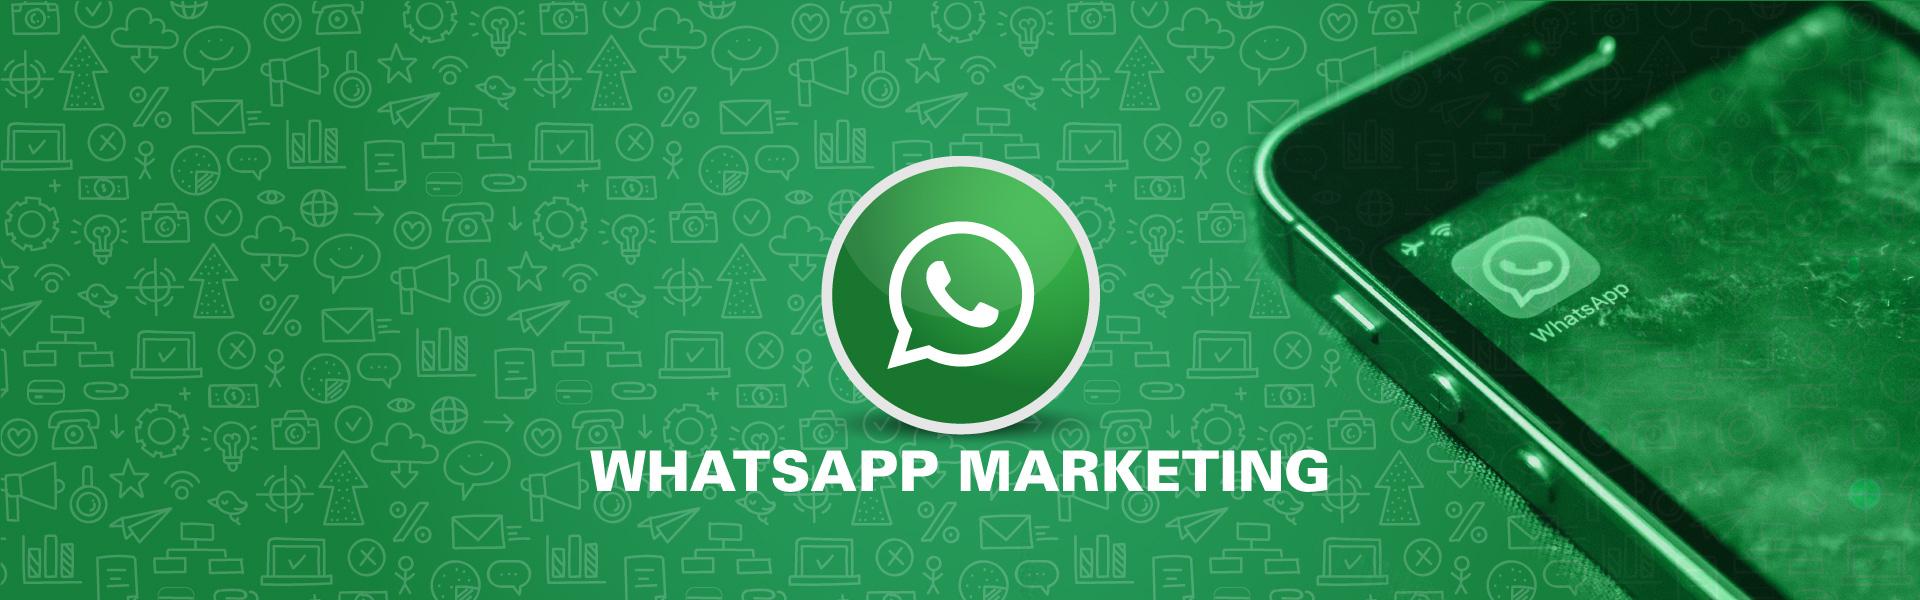 Whatsapp Marketing in Nigeria using whatsapp Bulk Sender